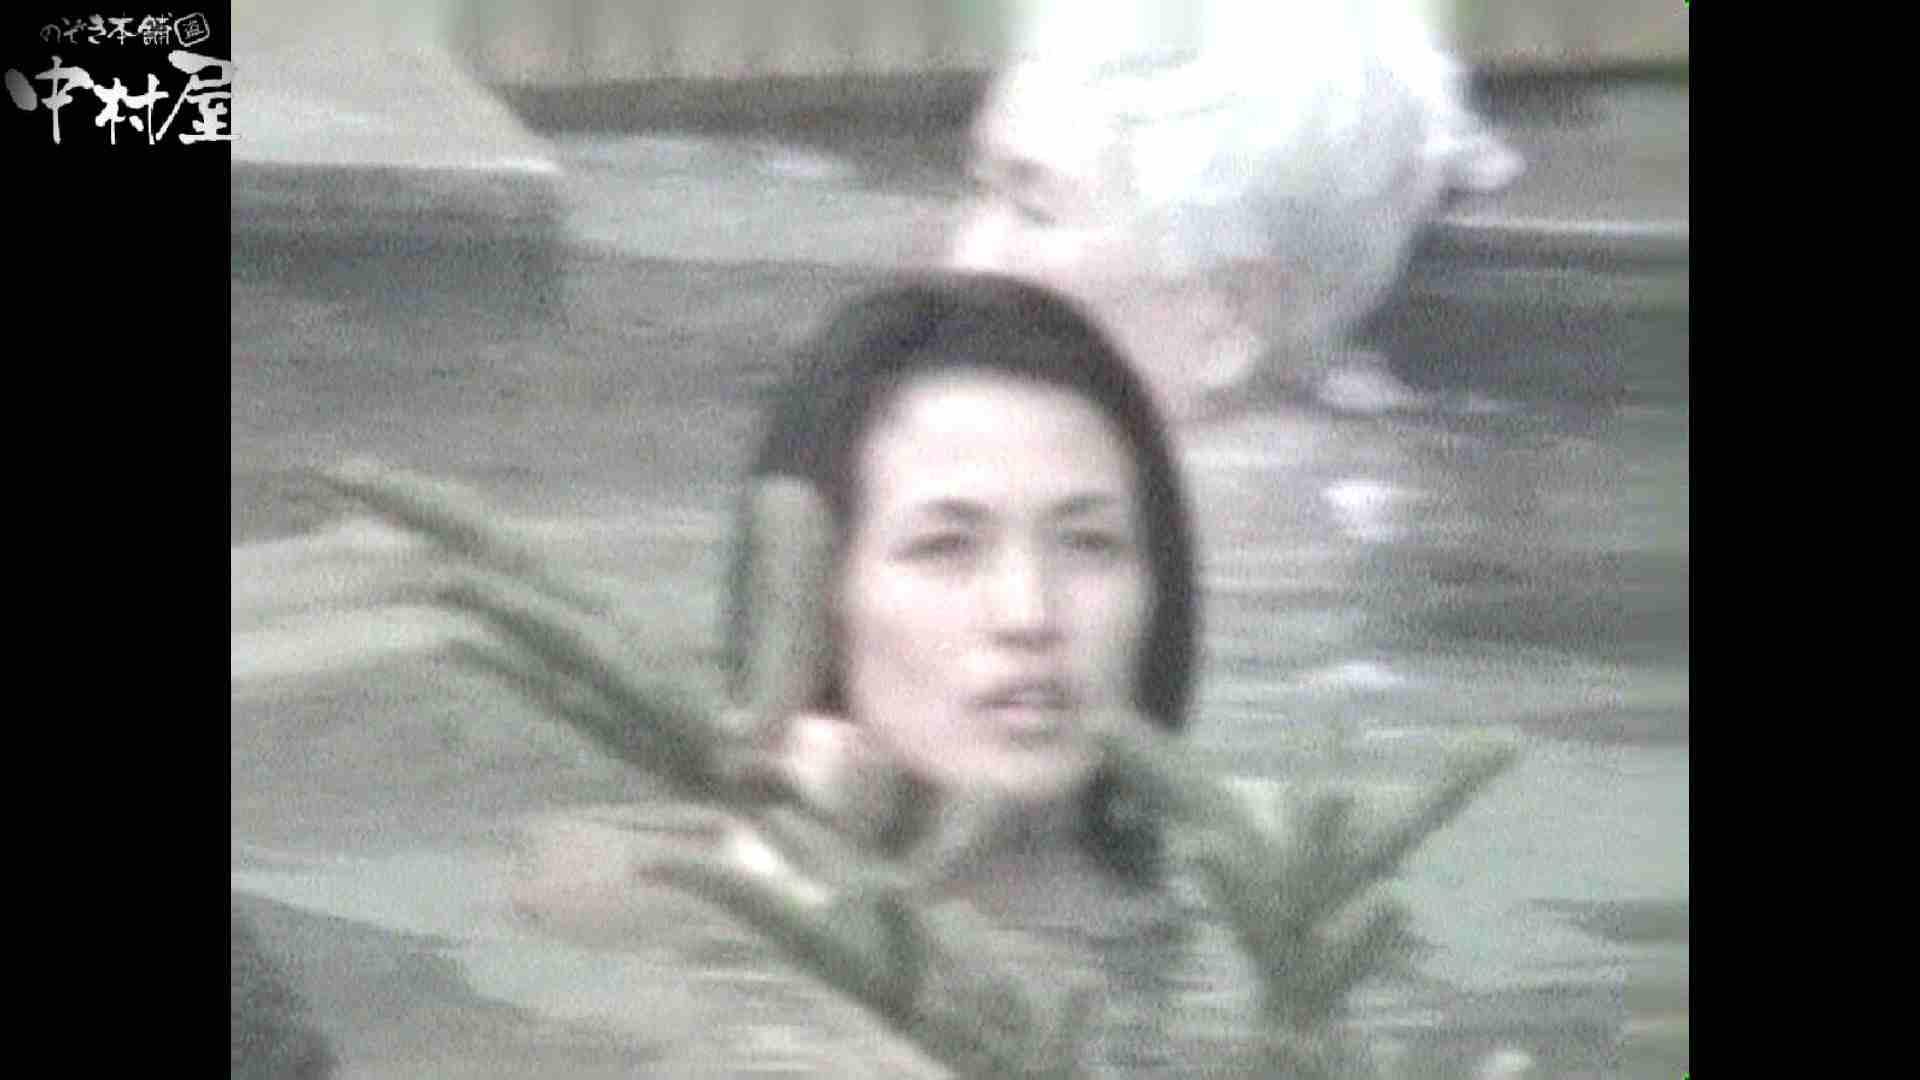 Aquaな露天風呂Vol.933 OLエロ画像  78PICs 54